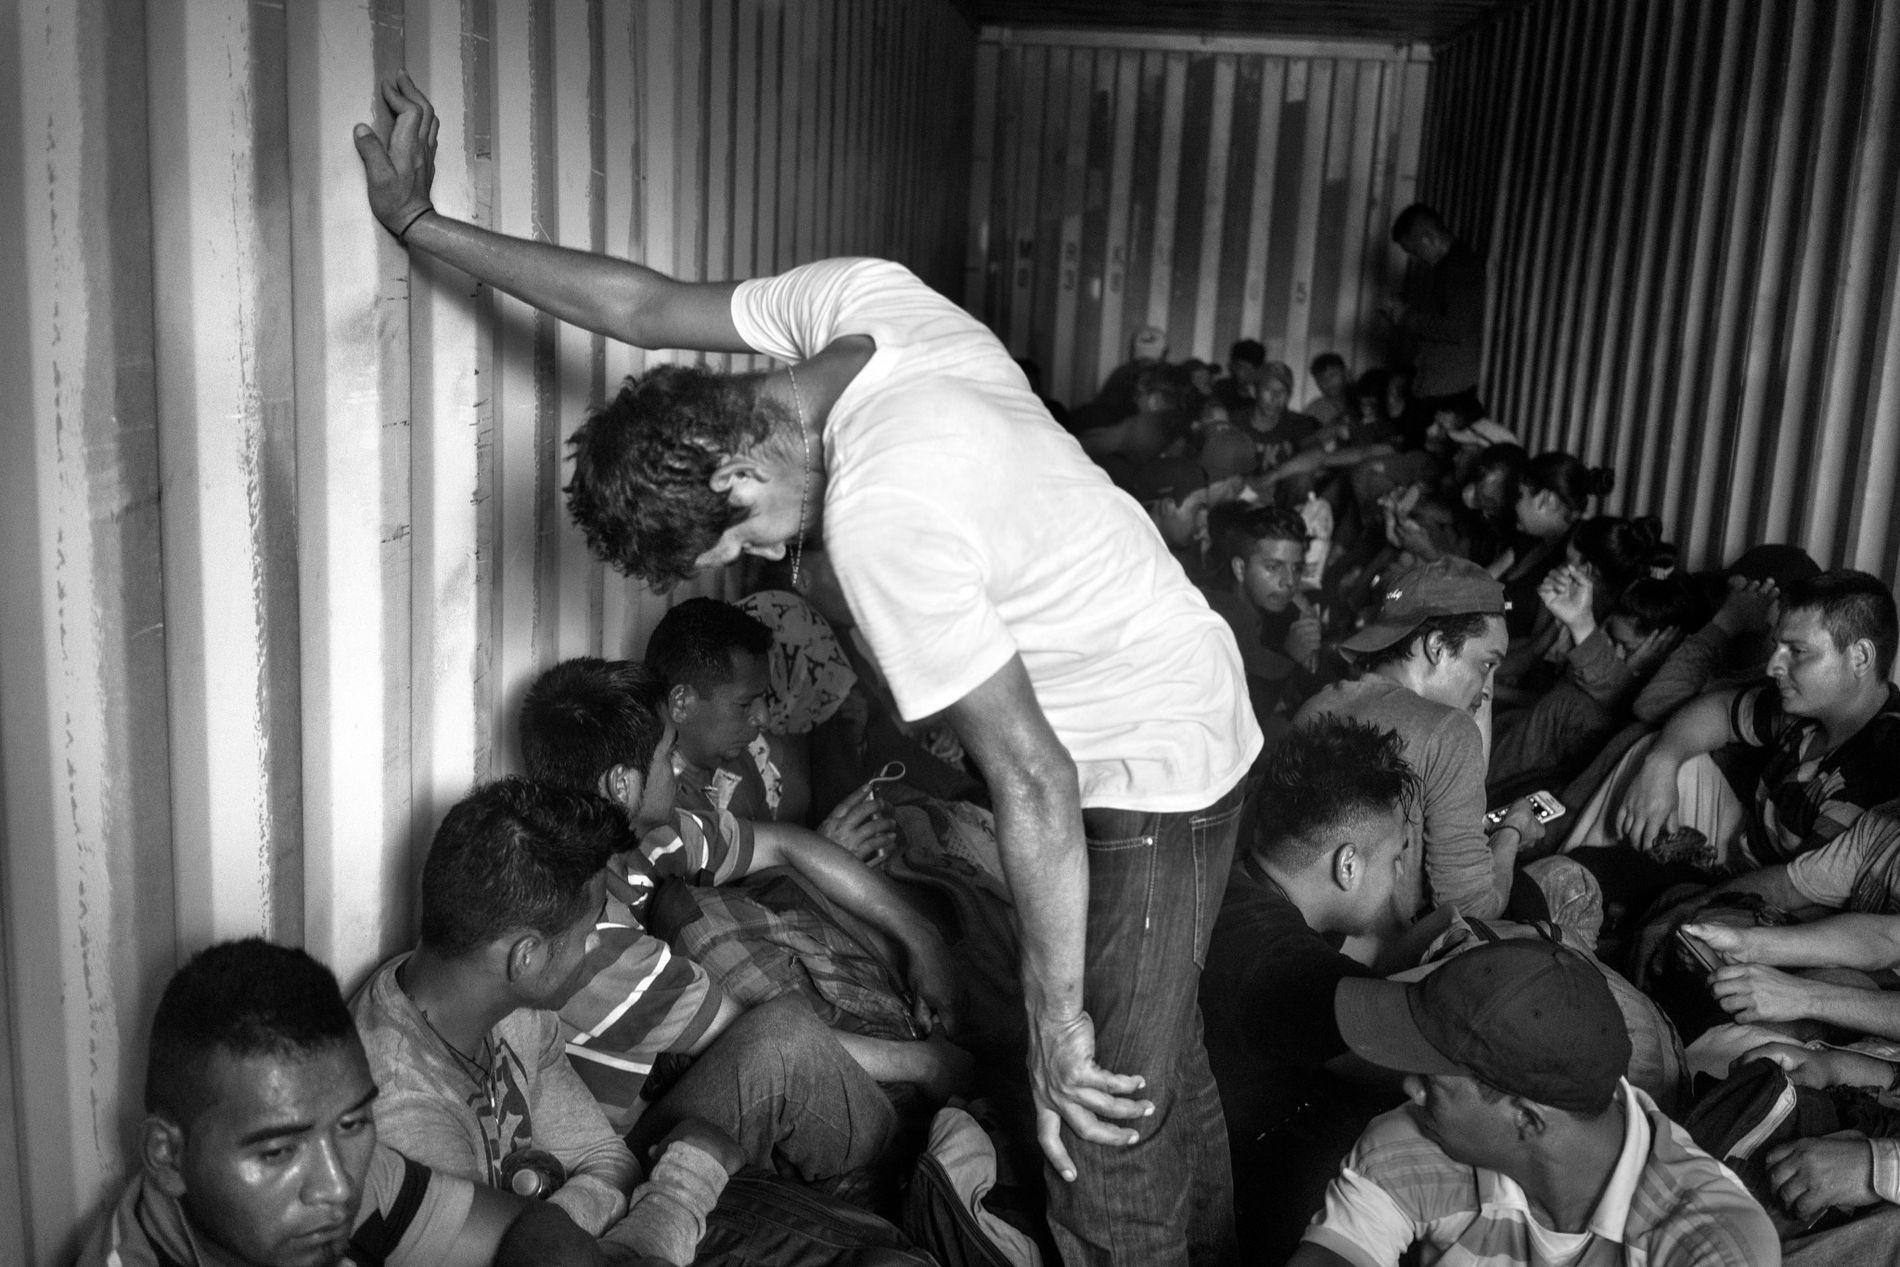 El Gulsnay, El Salvador. 31 de octubre de 2018. Decenas de migrantes, parte de una caravana de cientos de migrantes de El Salvador que se dirige a Estados Unidos, viajan dentro de un camión en camino a la frontera entre El Salvador y Guatemala.